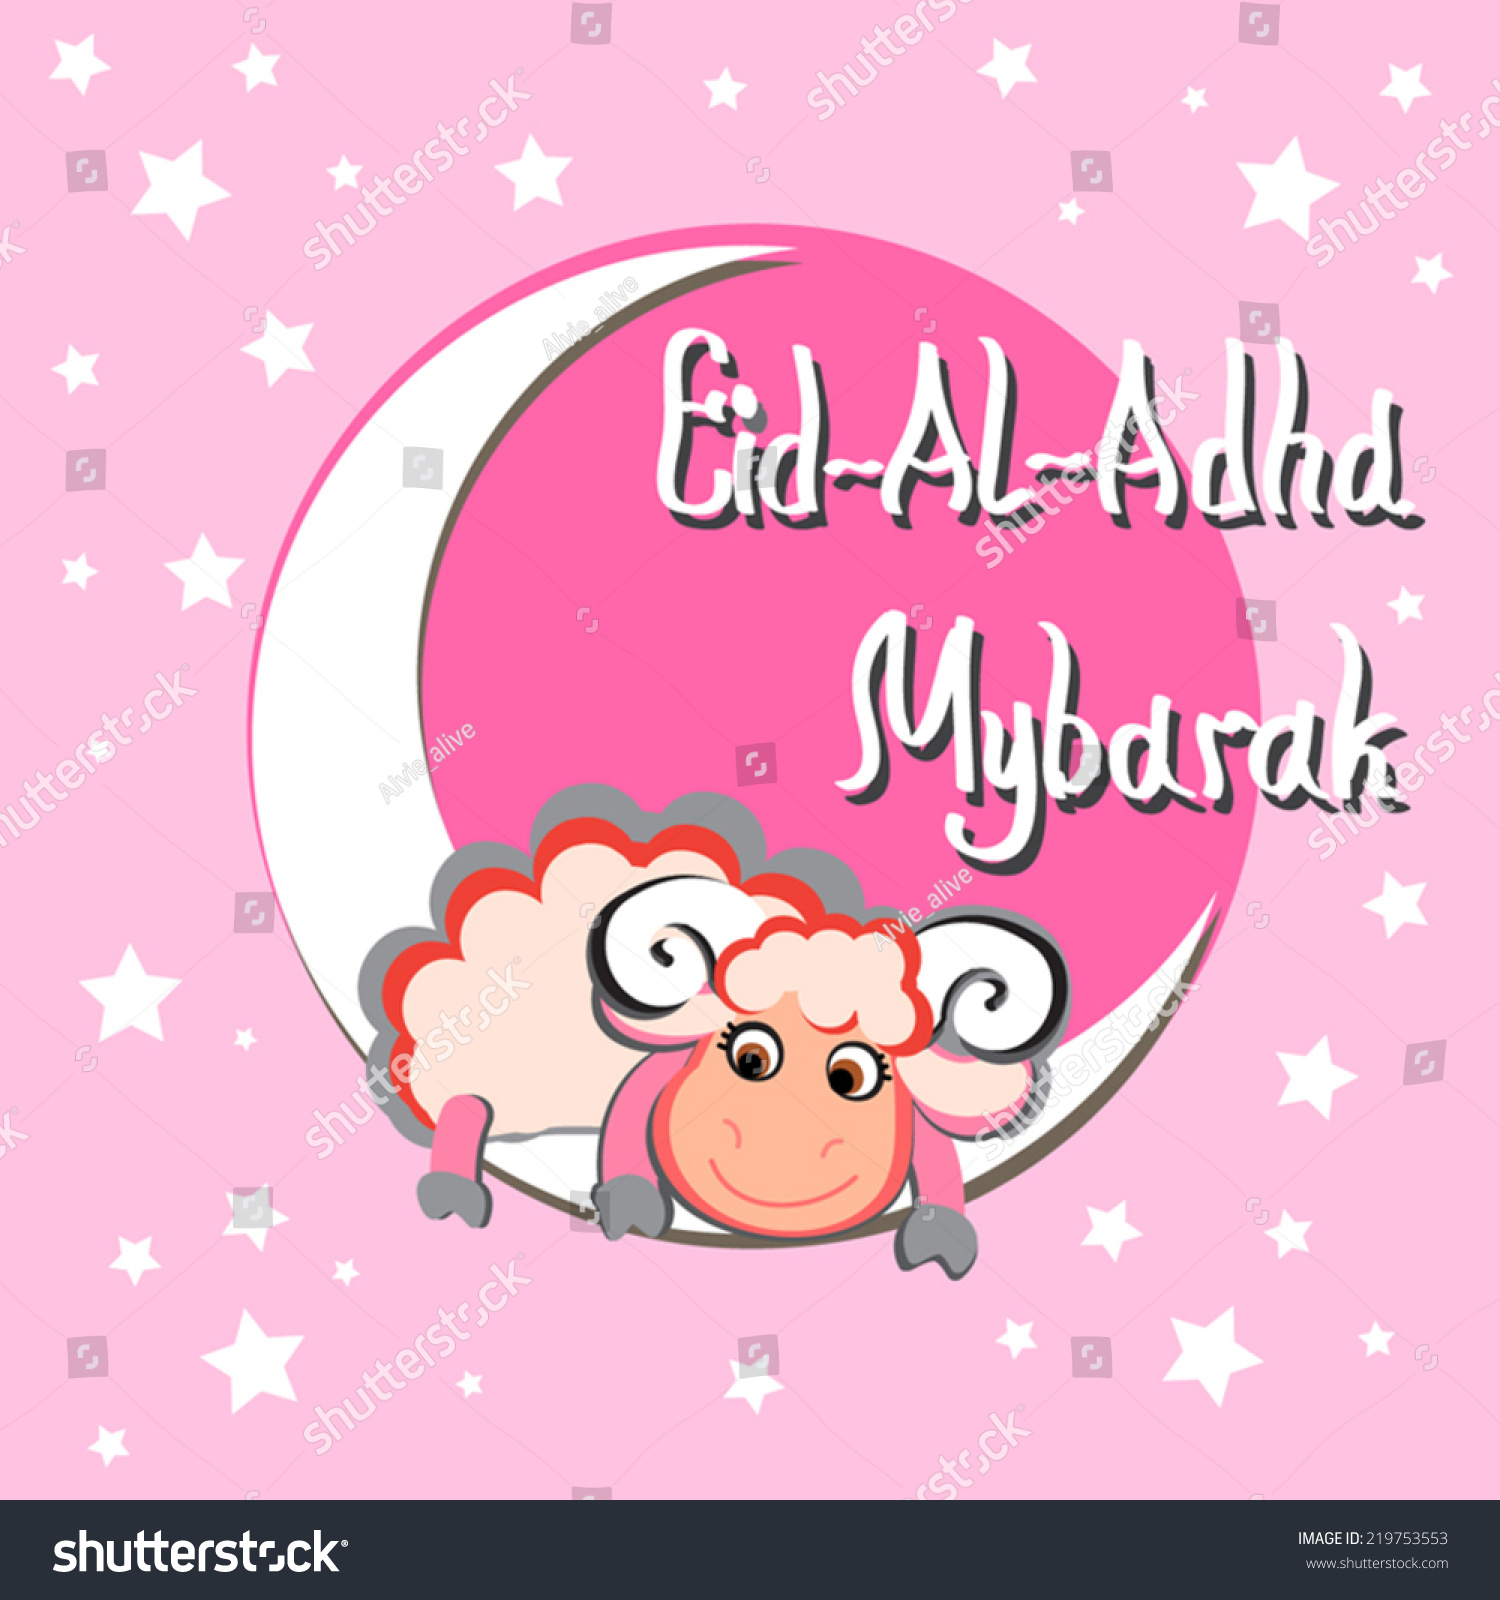 Cute Pink Eidal Adha Mubarak Greeting Card Stock Vector 219753553